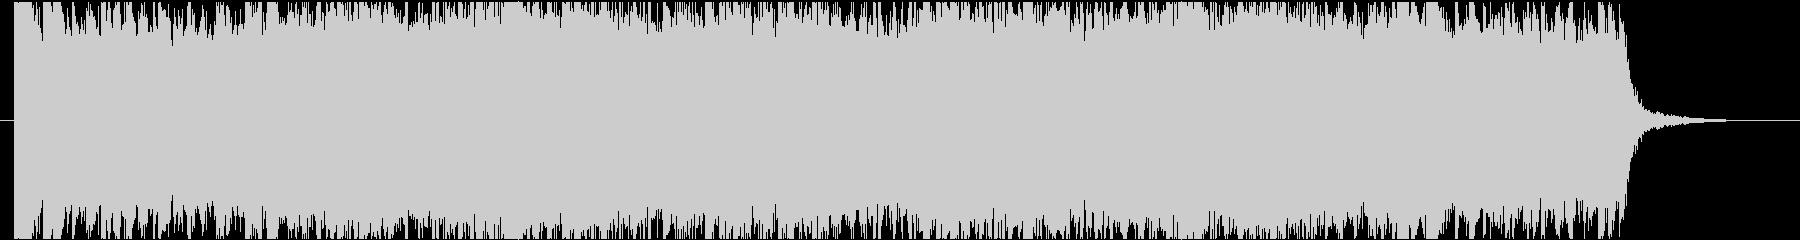 壮大で幻想的なマーチ(行進曲)の未再生の波形